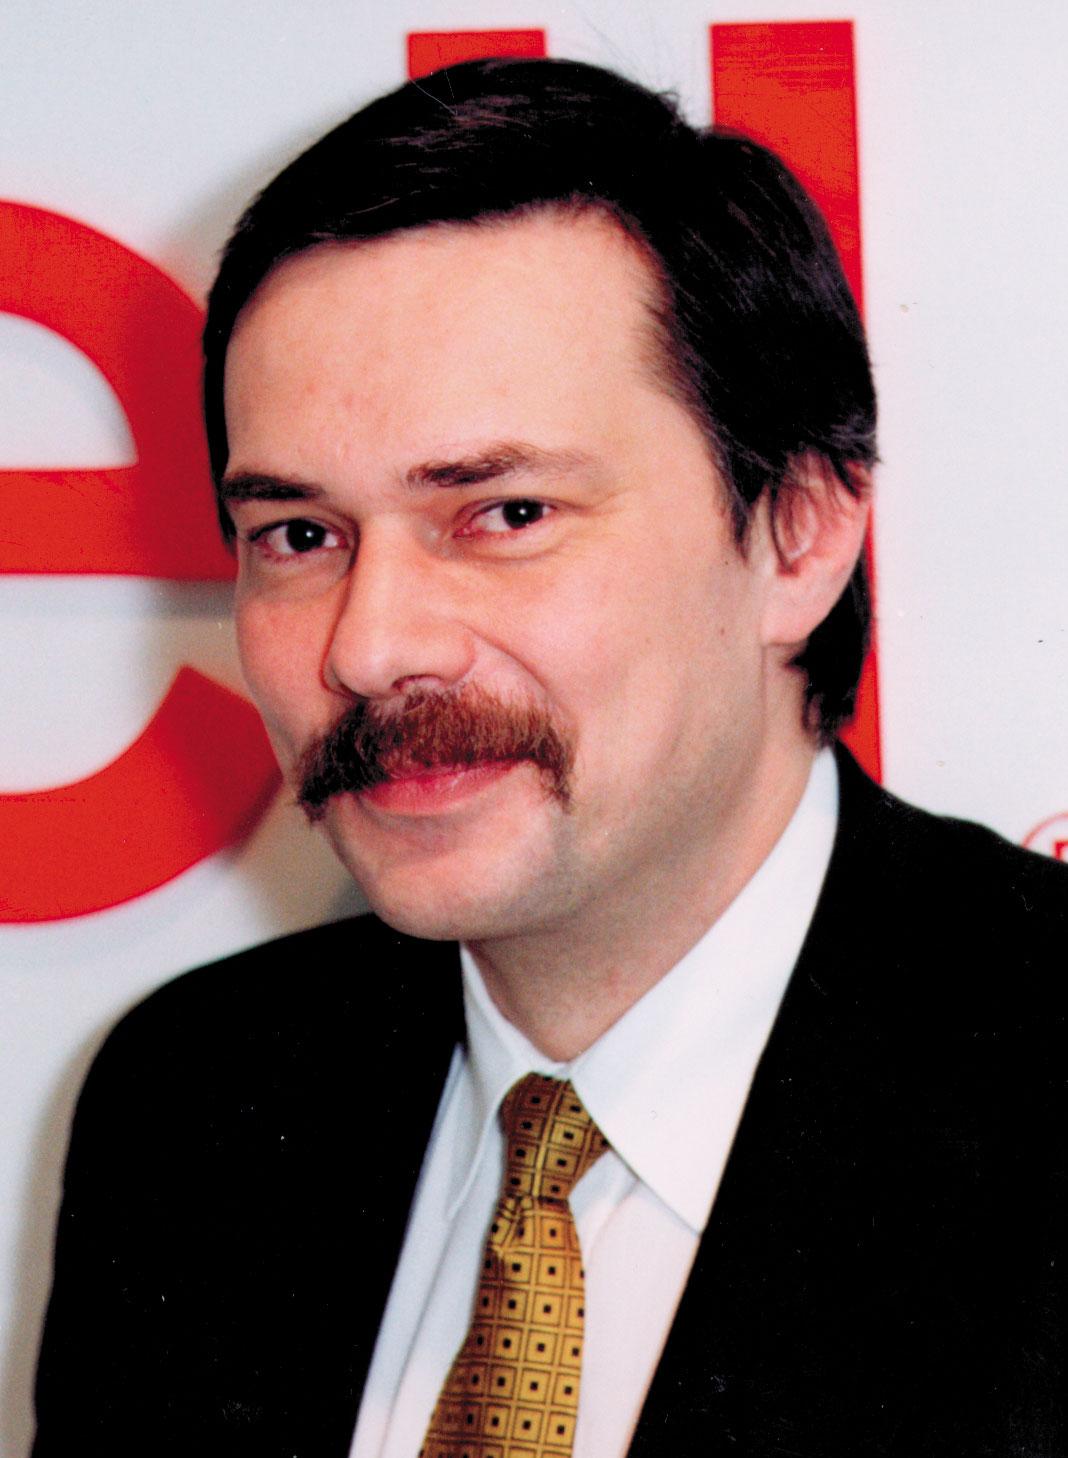 PRIT 1999: Jacek Pacholczyk